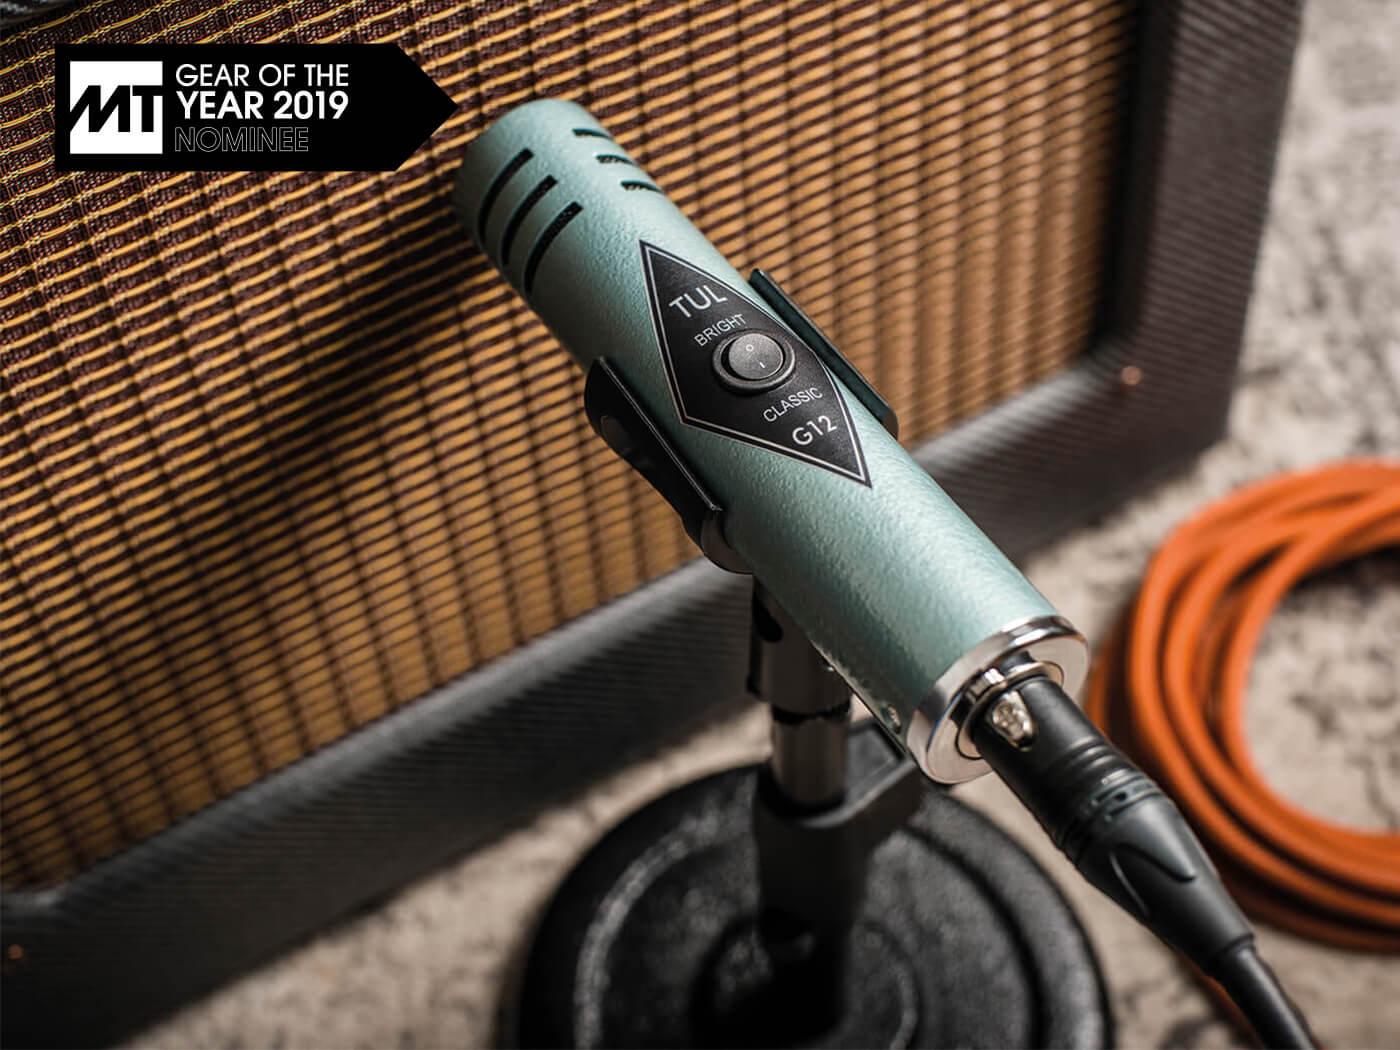 Tul Microphones G12 mic GOTY